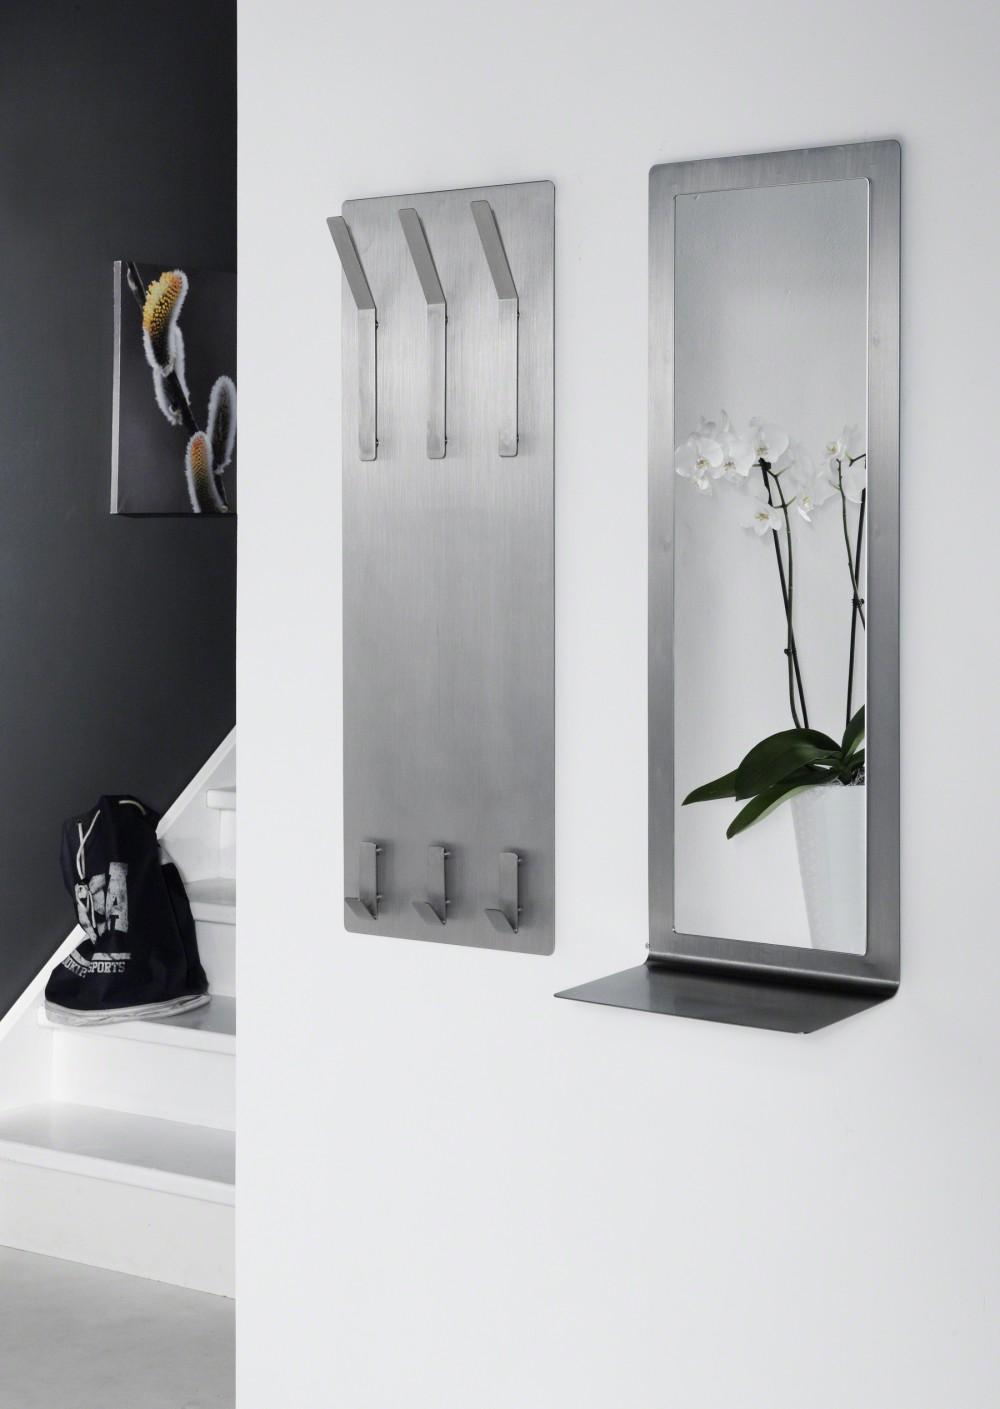 spiegel auf einem wandpaneel aus edelsthal moderner spiegel mit eine ablage ma e 100 x 36 cm. Black Bedroom Furniture Sets. Home Design Ideas